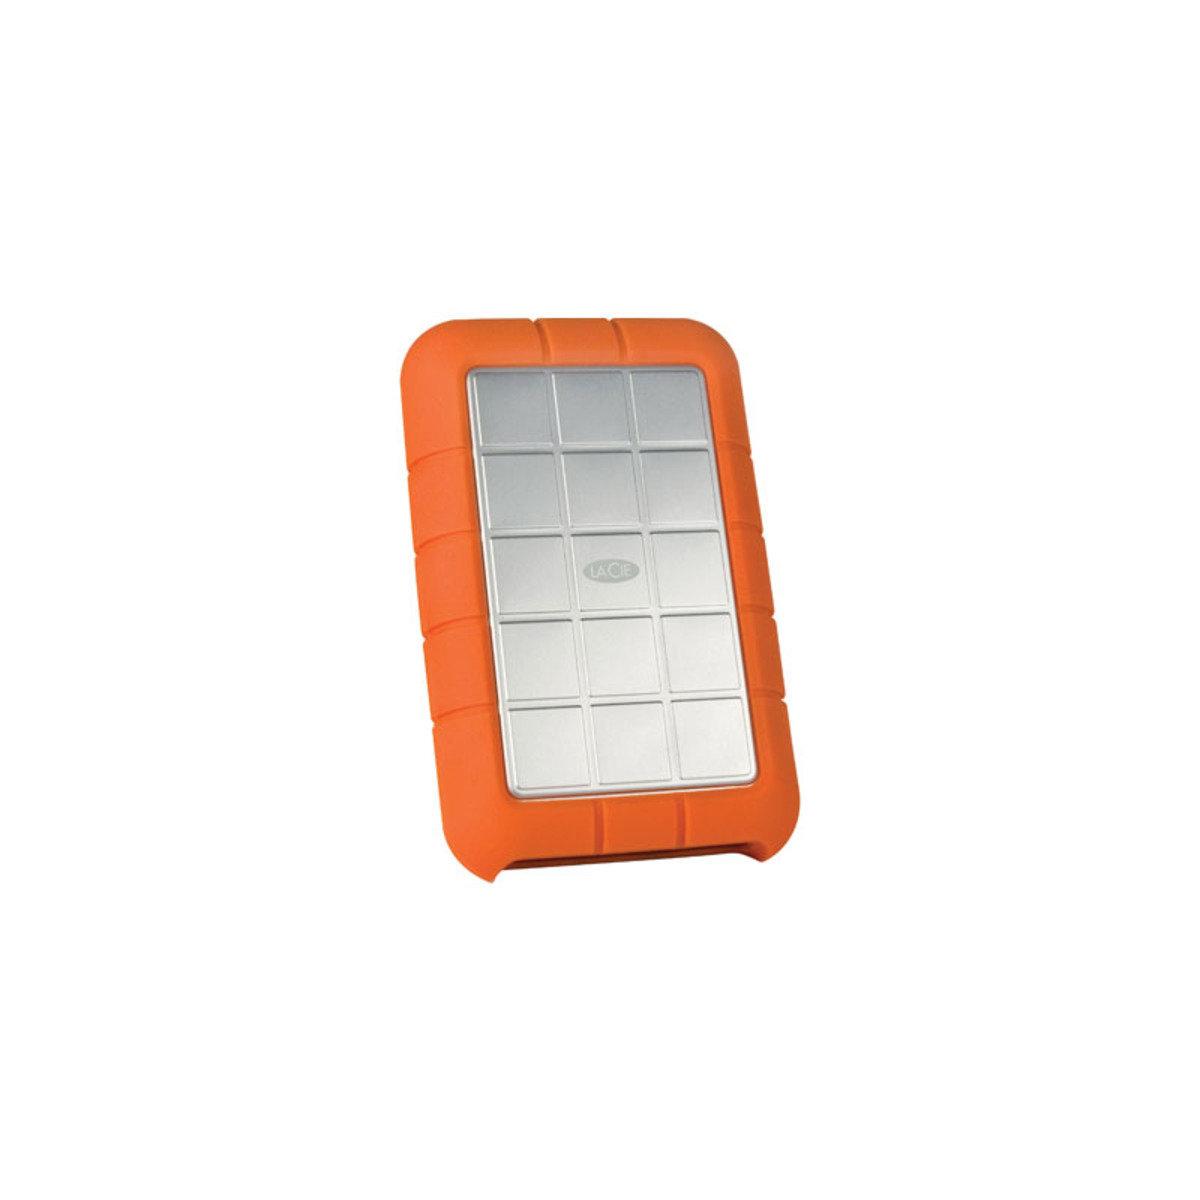 Rugged Triple USB3.0 2TB 2.5吋 軍用級抗震外置硬碟 9000448